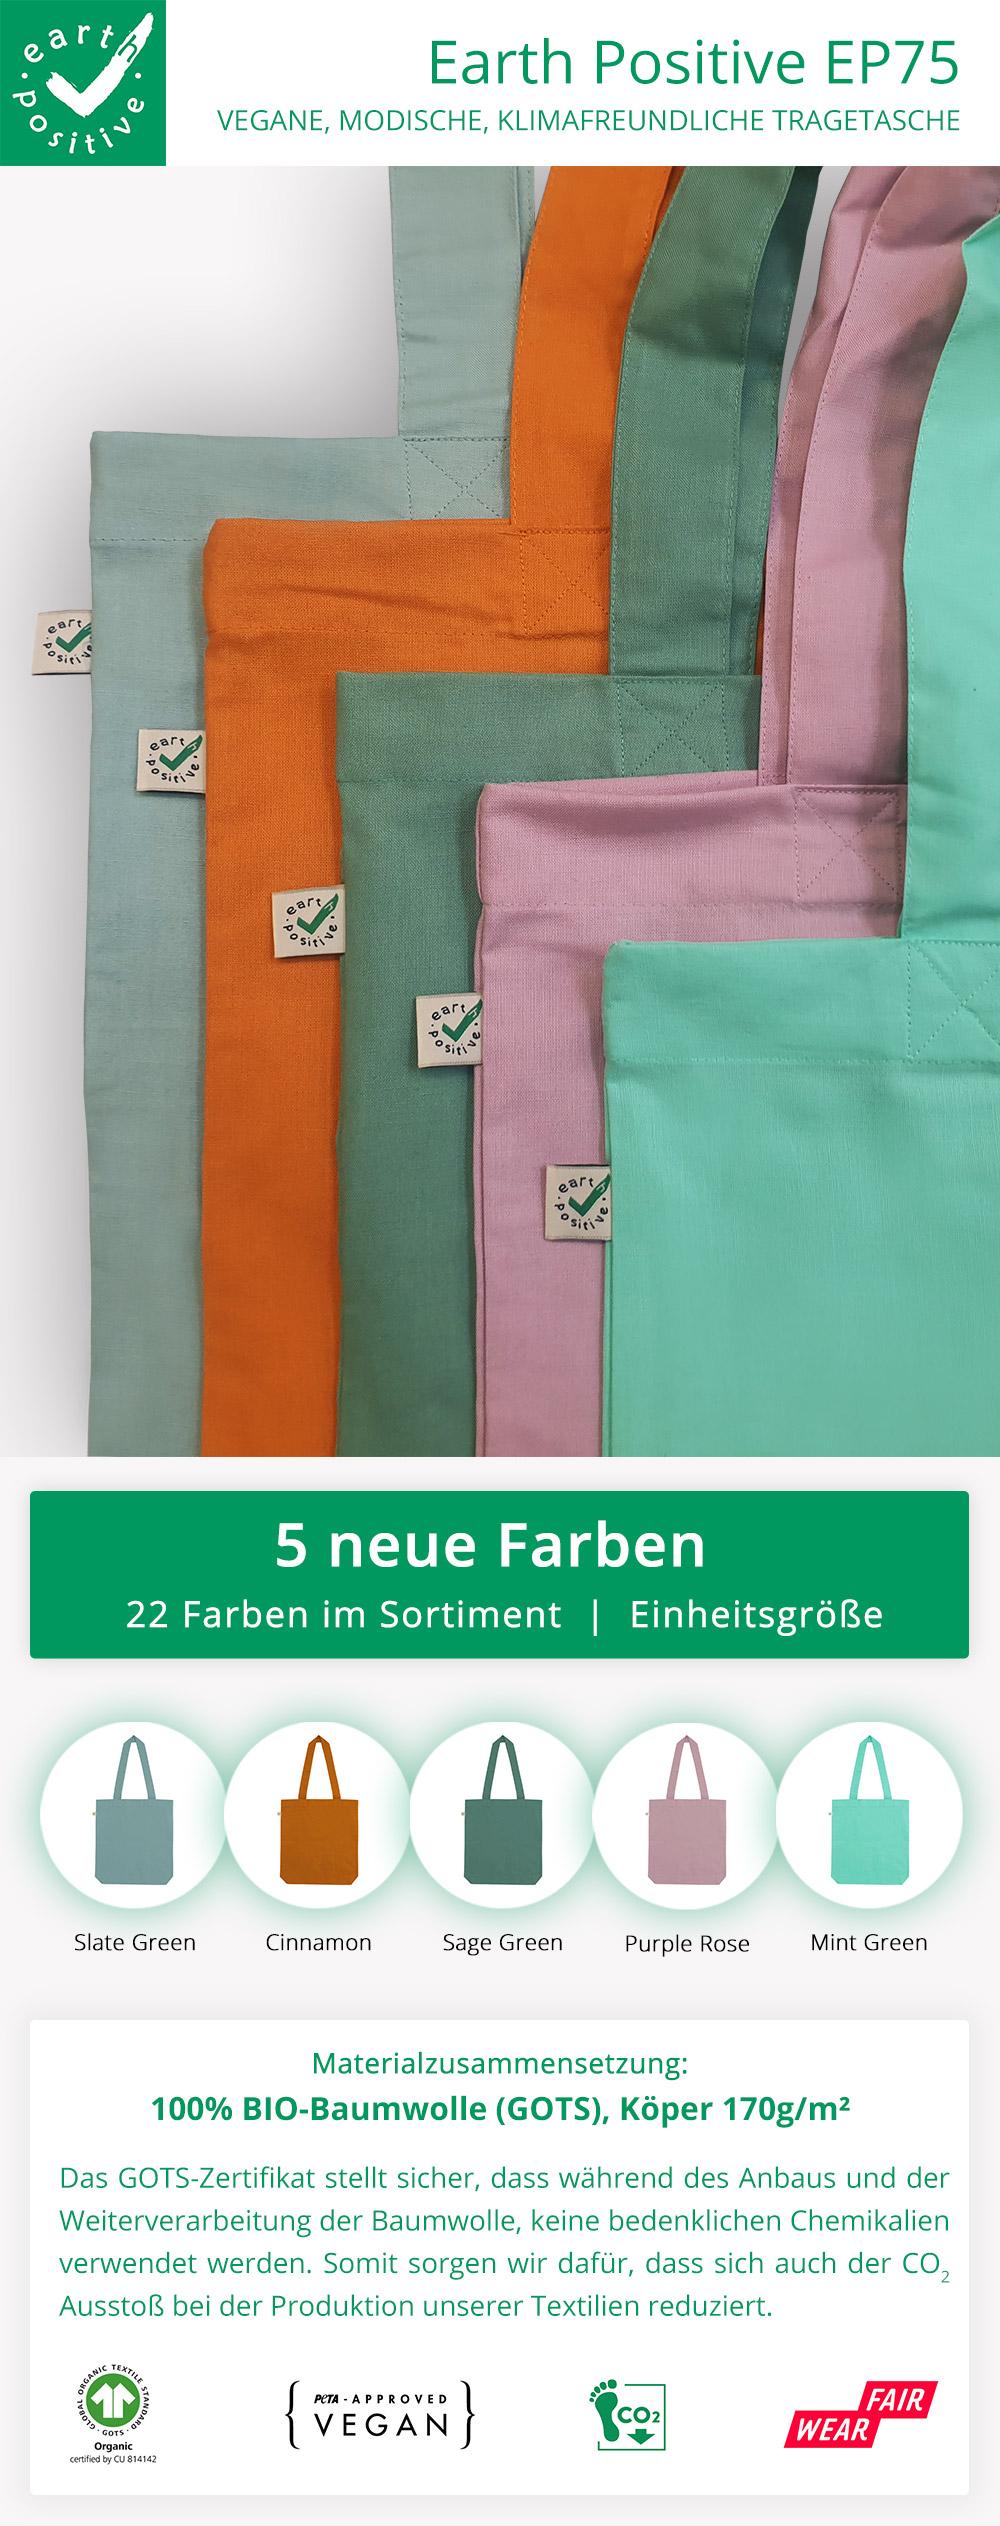 Newsletter-EP75-5-neue-Farben-01.2021-1